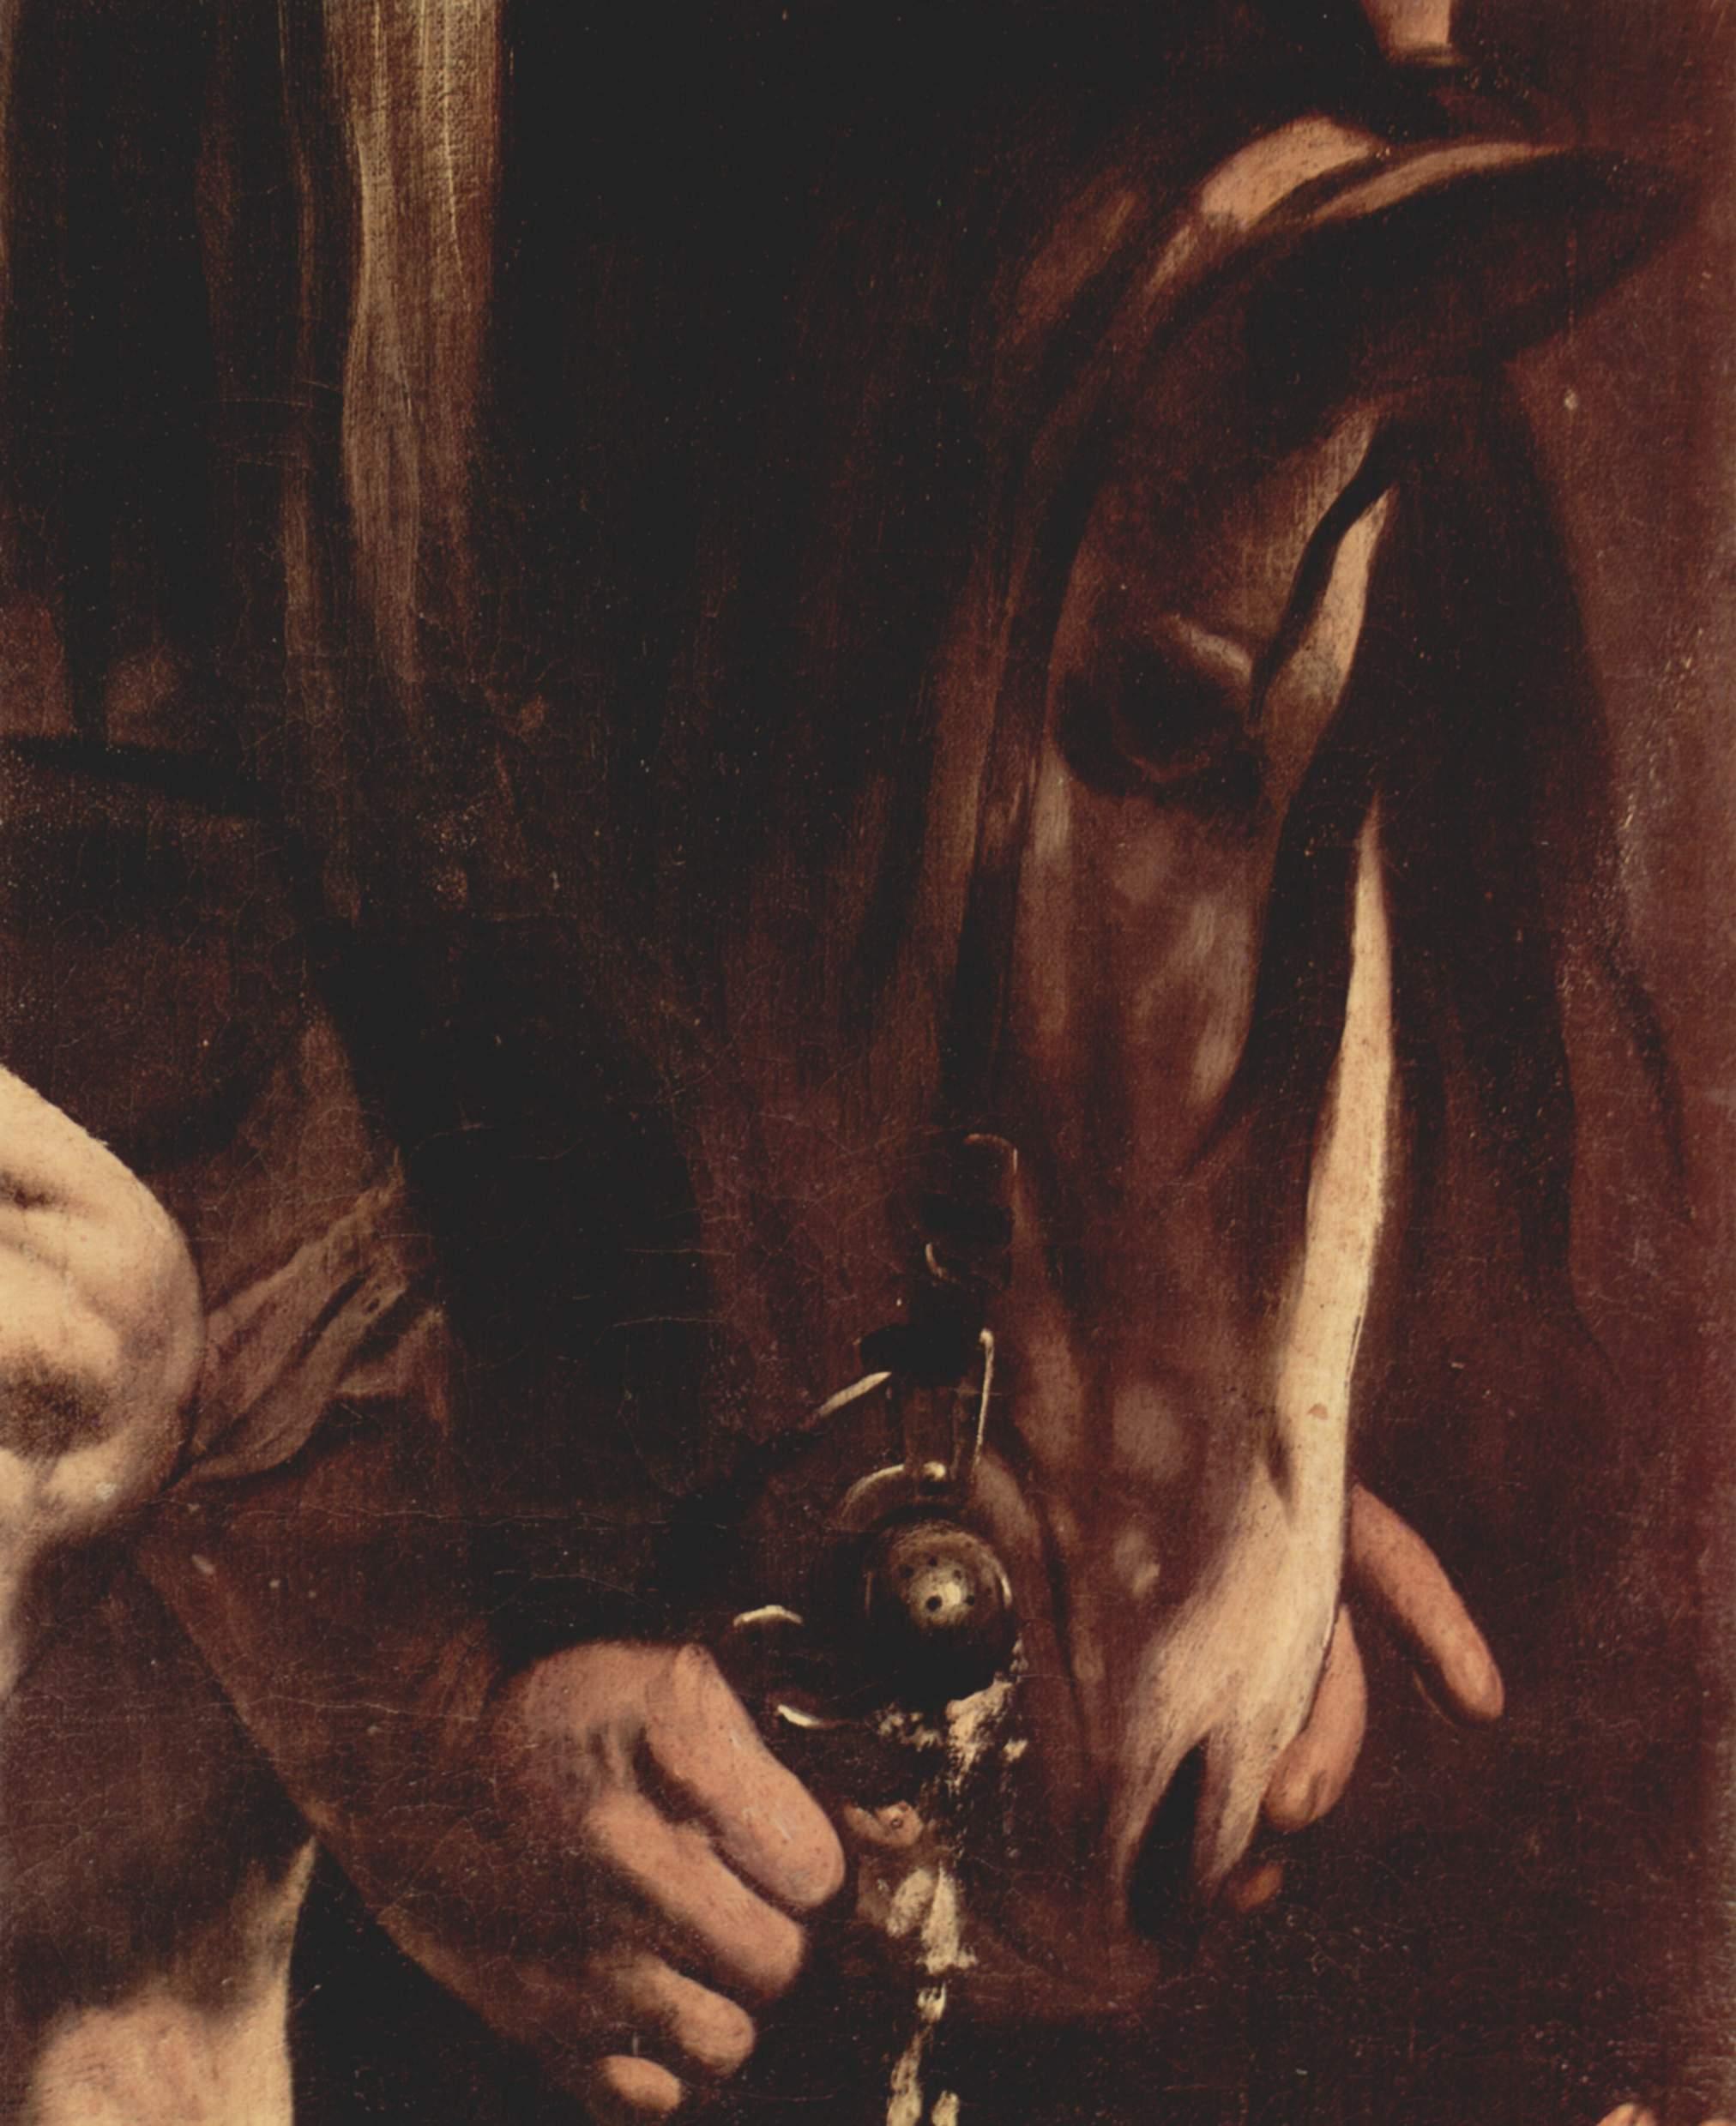 Картины из Капеллы Кераси в церкви Санта Мария дель Пополо в Риме, обращение Савла. Деталь, Микеланджело Меризи де Караваджо